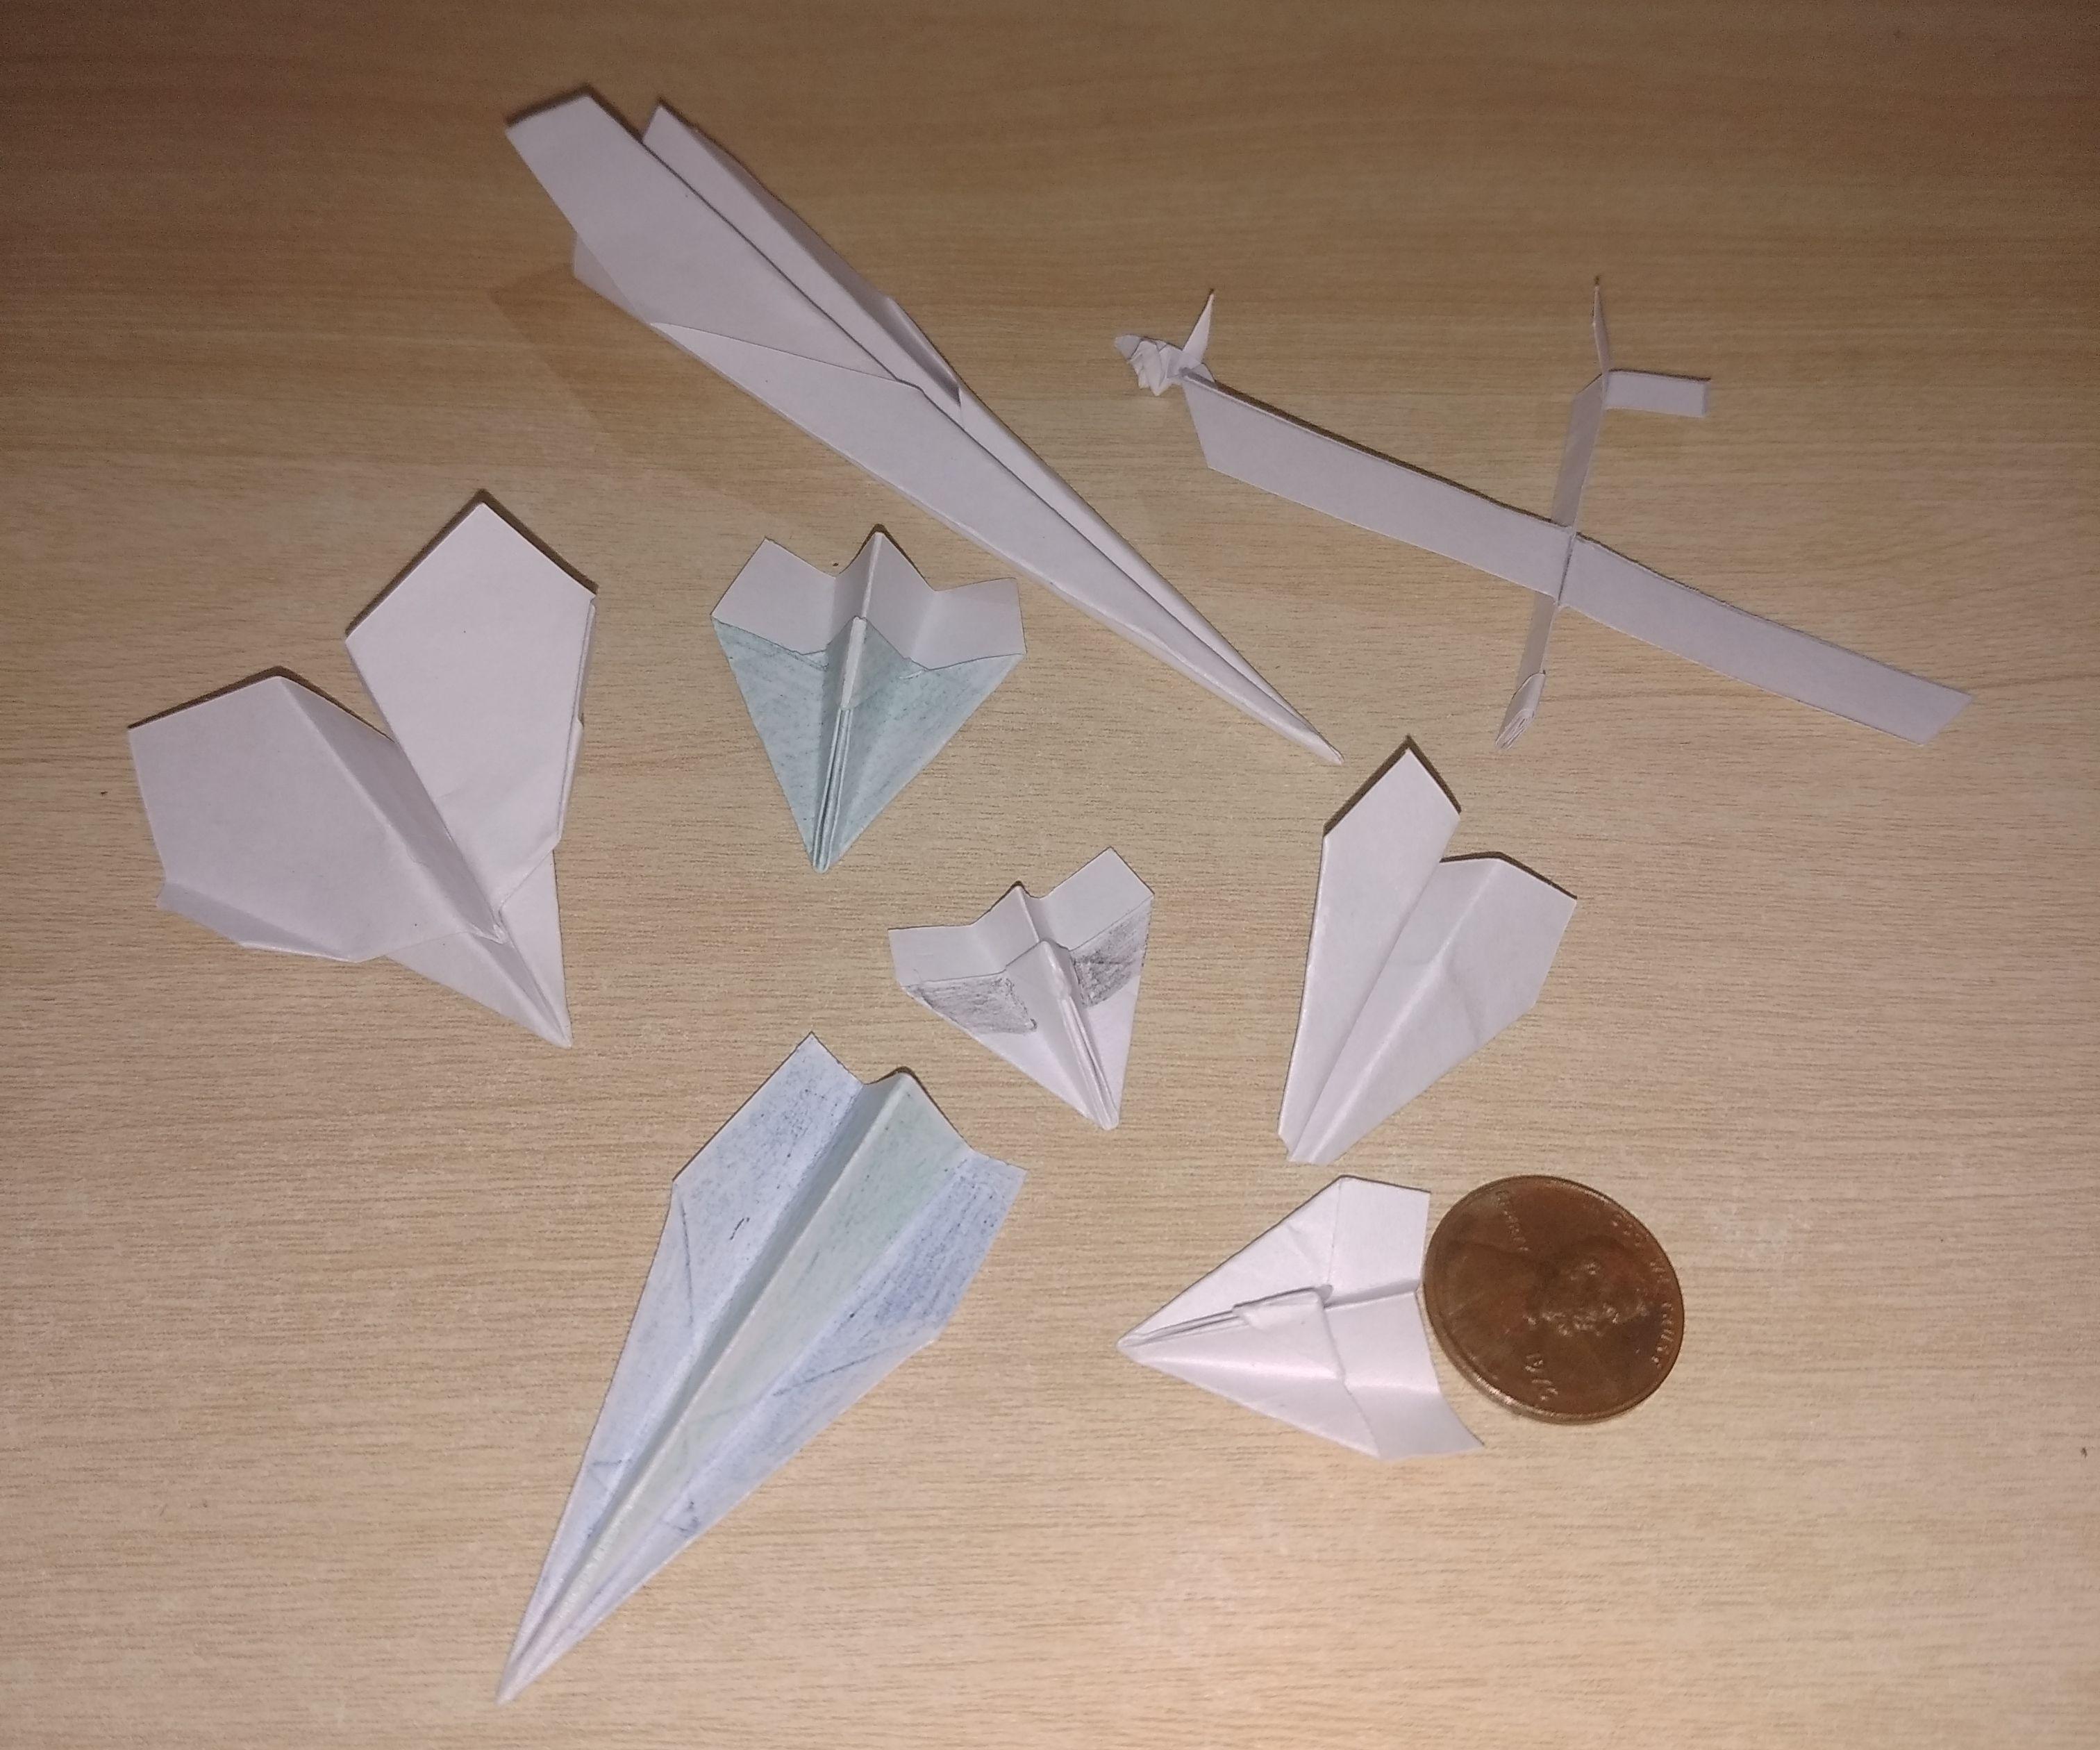 Tiny Paper Planes